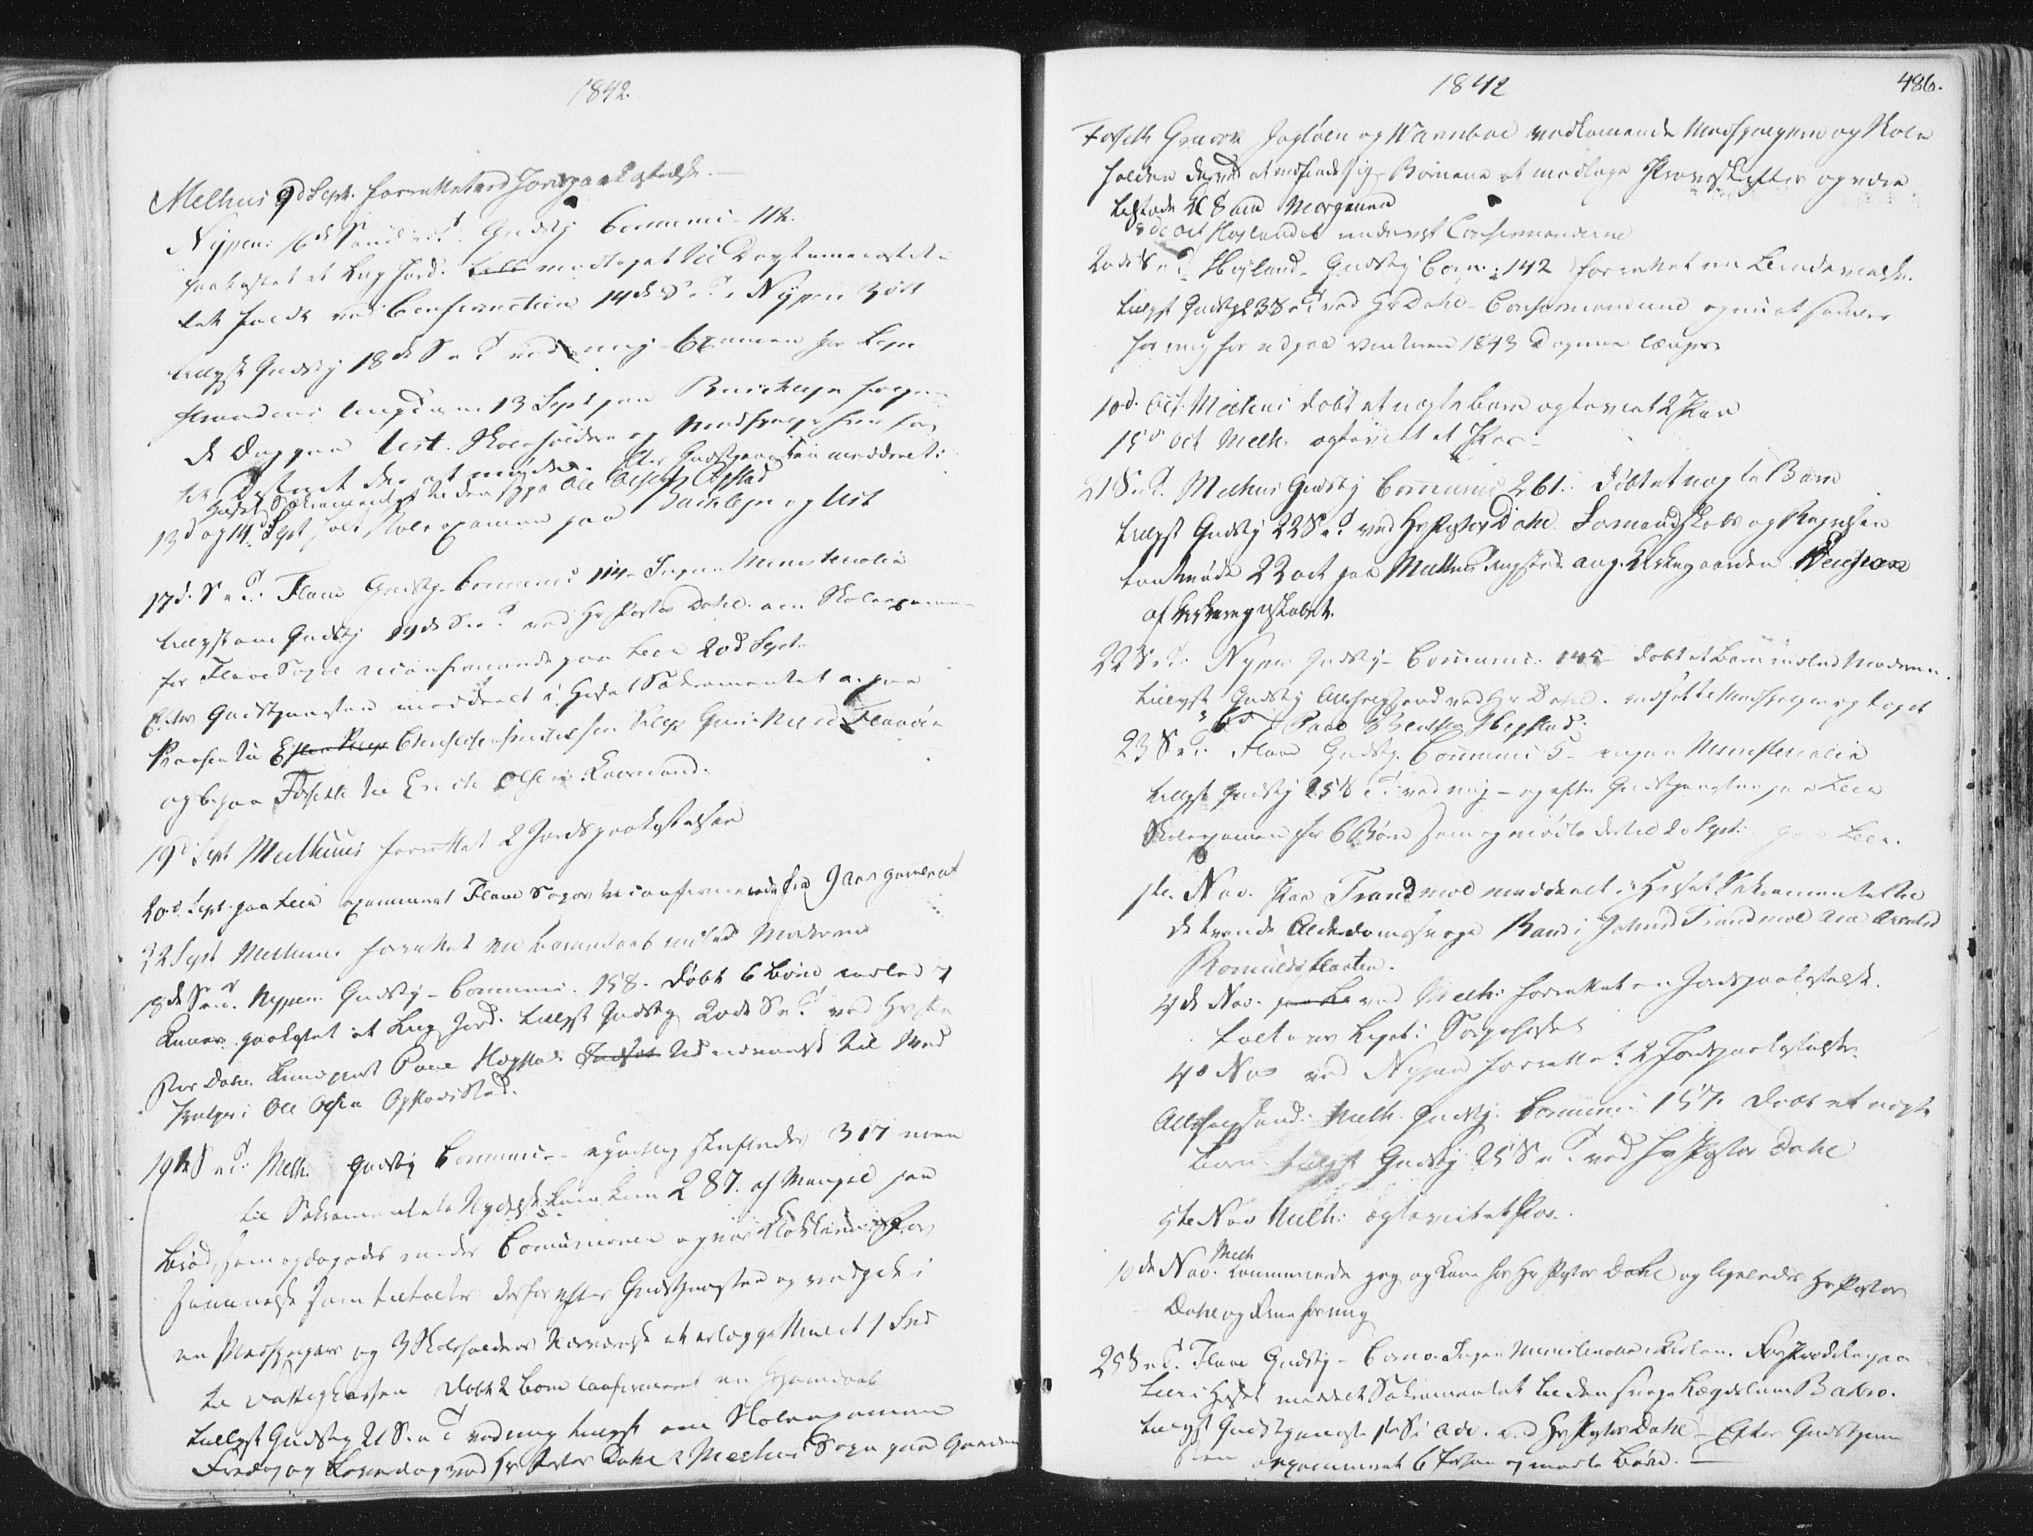 SAT, Ministerialprotokoller, klokkerbøker og fødselsregistre - Sør-Trøndelag, 691/L1074: Ministerialbok nr. 691A06, 1842-1852, s. 486